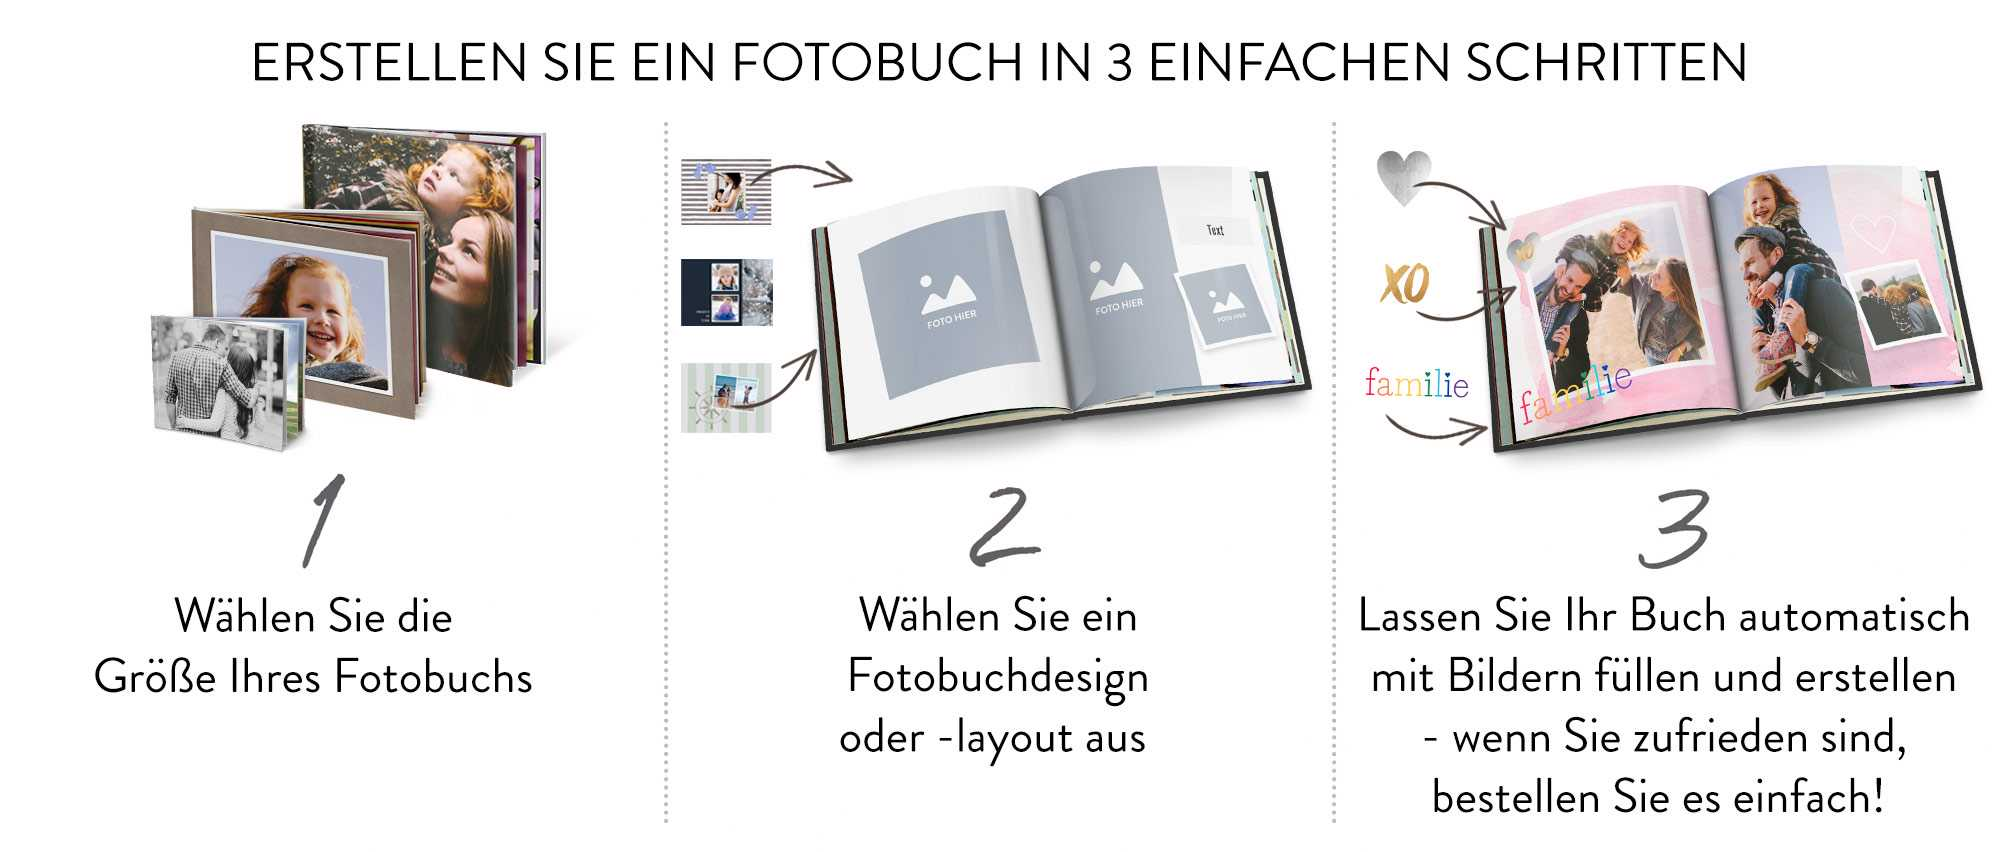 Erstellen eines Fotobuchs in 3 einfachen Schritten: